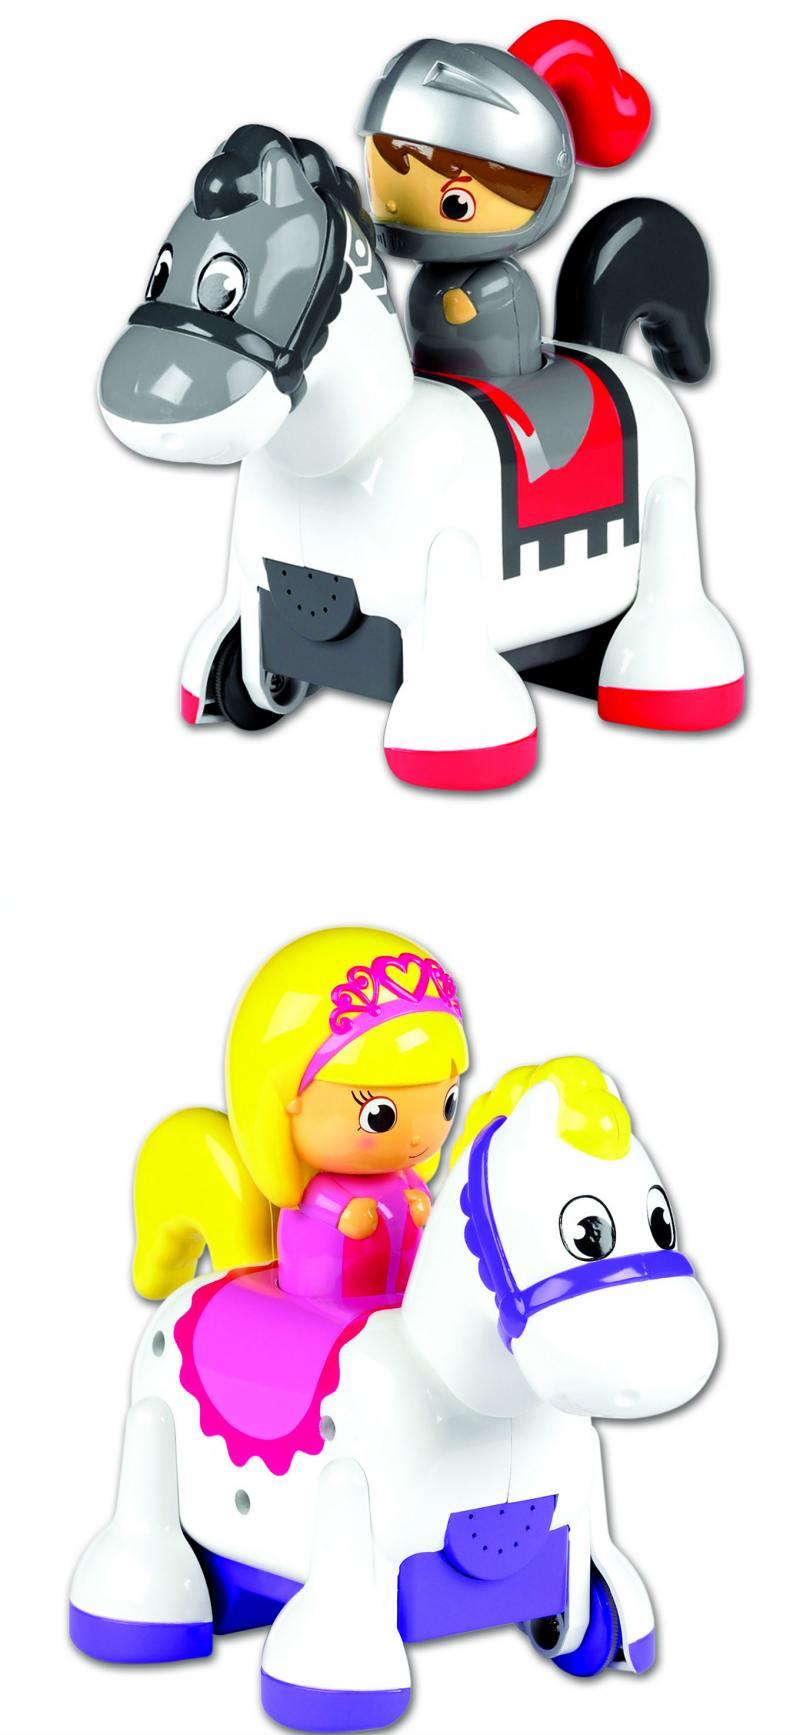 Интерактивная игрушка Tomy Принцесса-всадница Рыцарь-всадник игрушки интерактивные tomy интерактивная игрушка слоник учится ходить